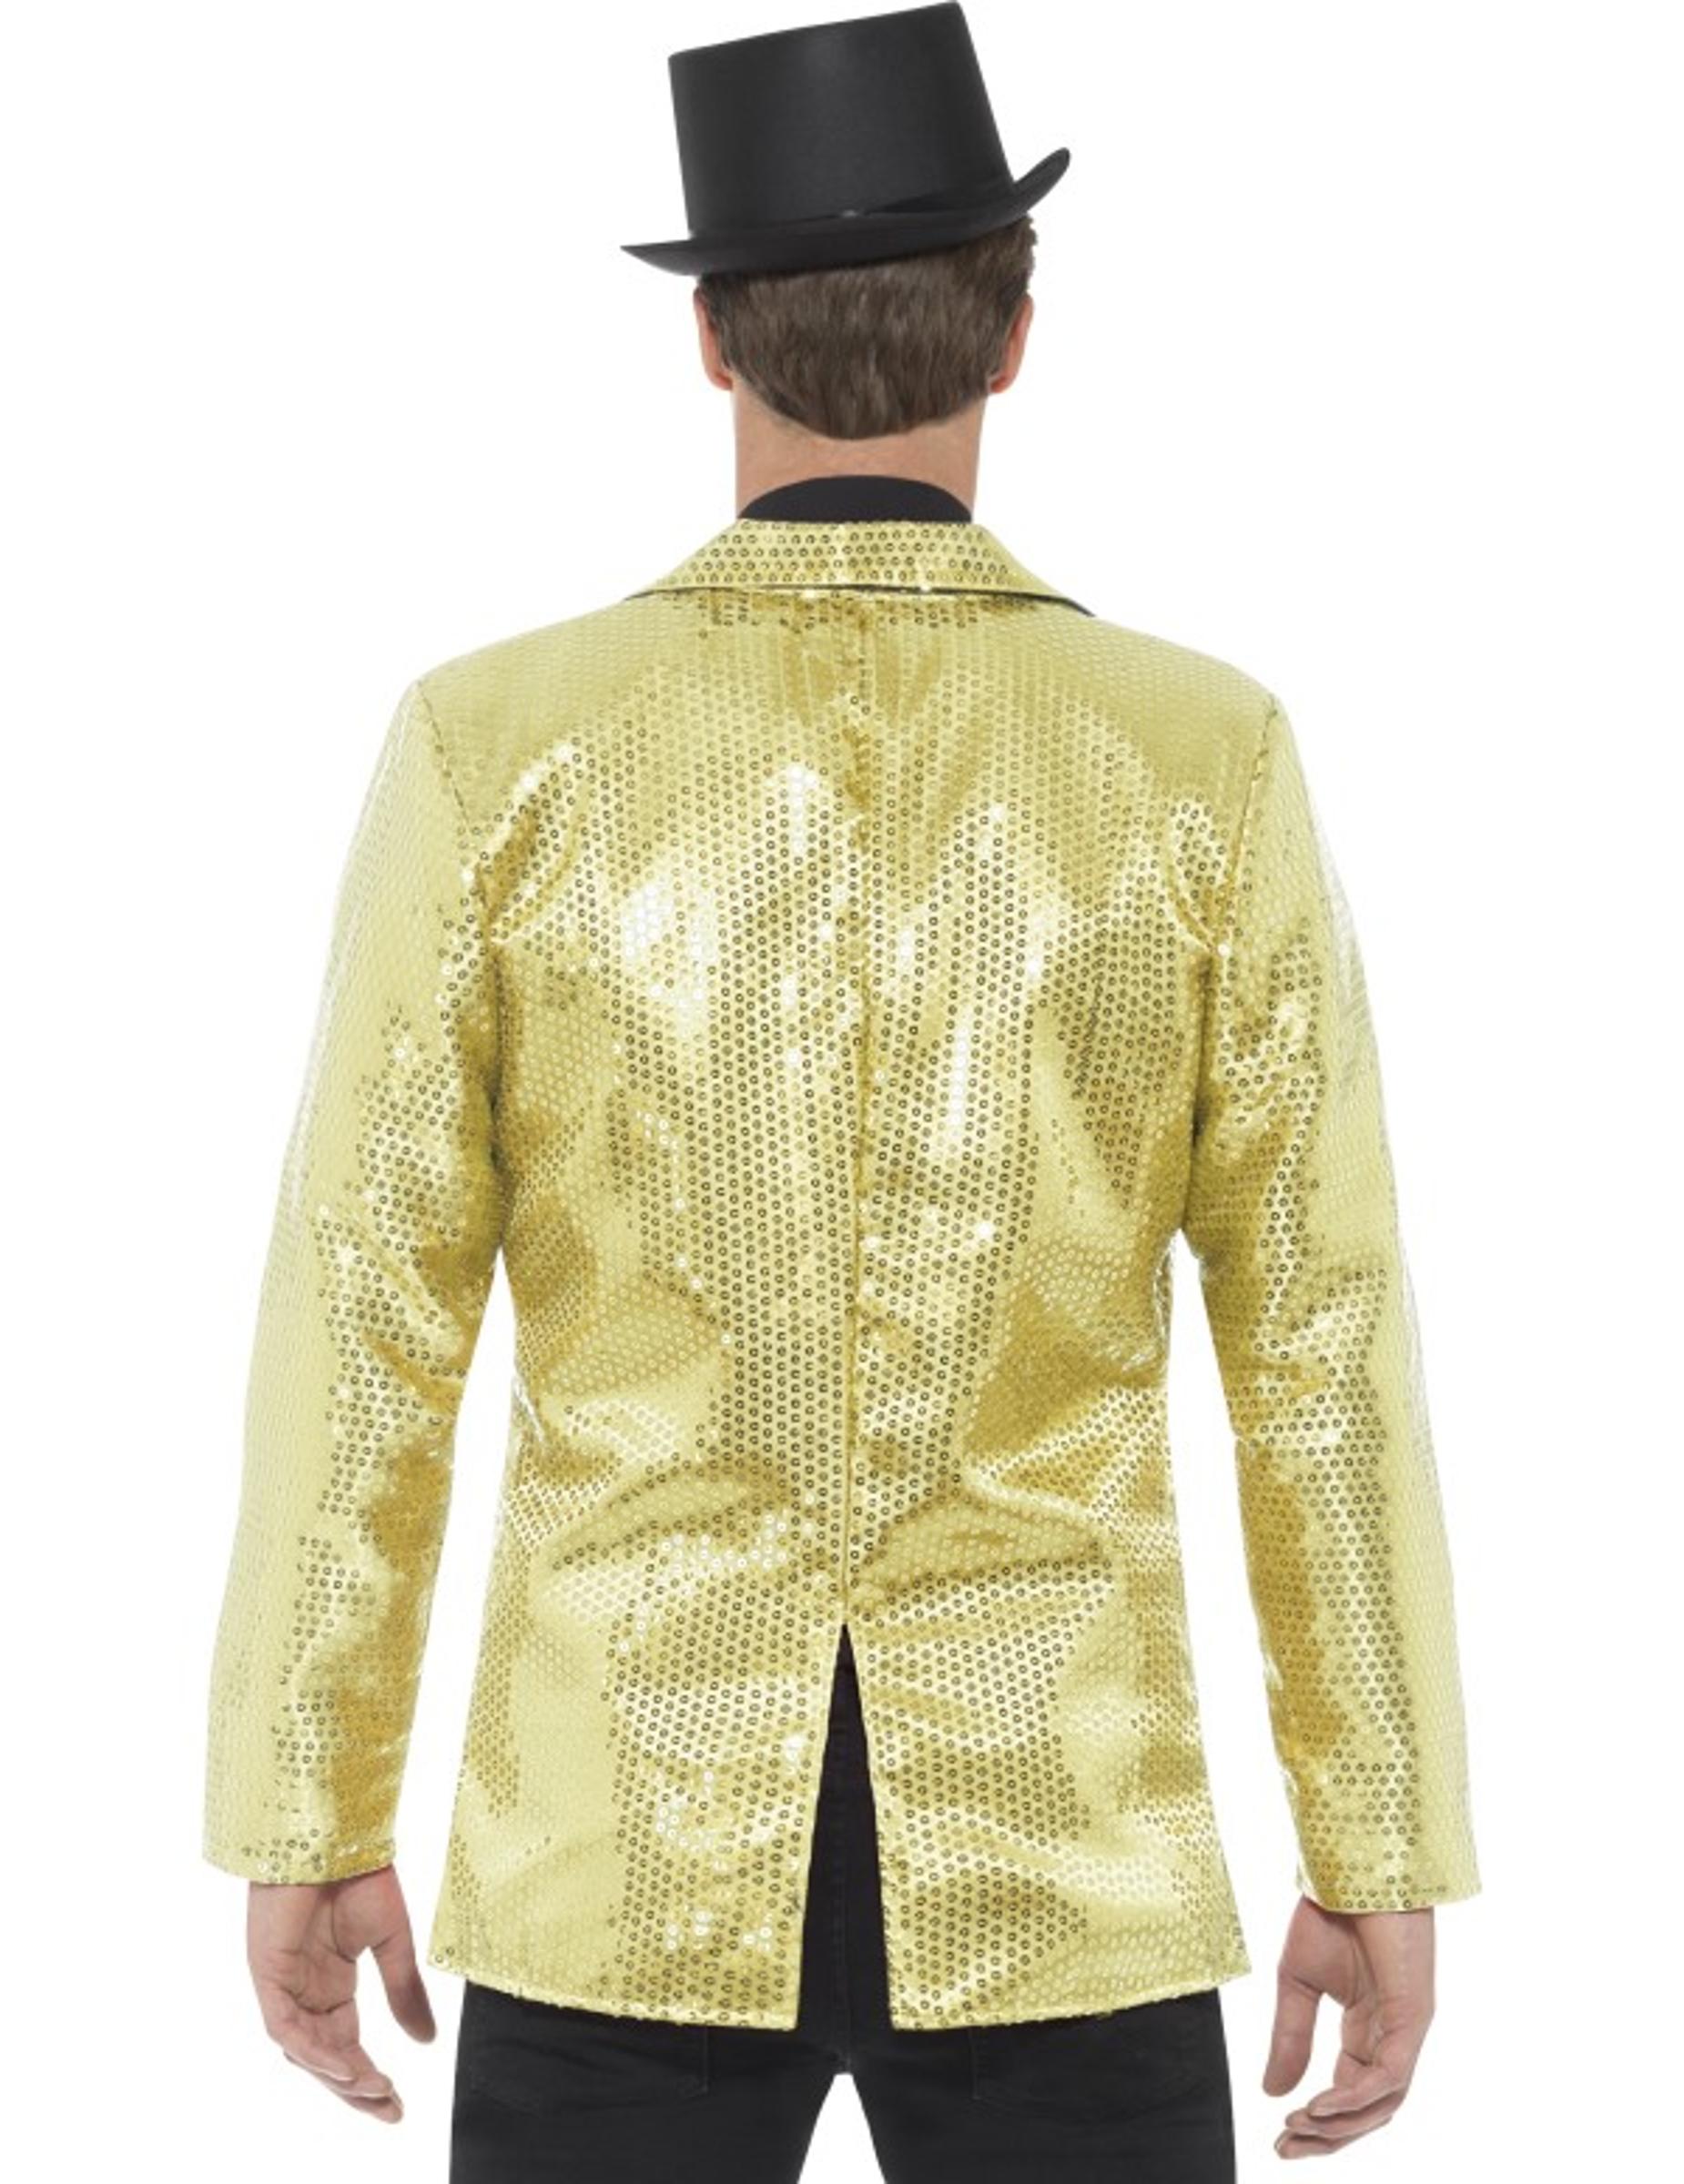 Casaco disco dourado com lantejoulas luxo homem  Disfarces Adultos ... 7ef7ec5a0b5